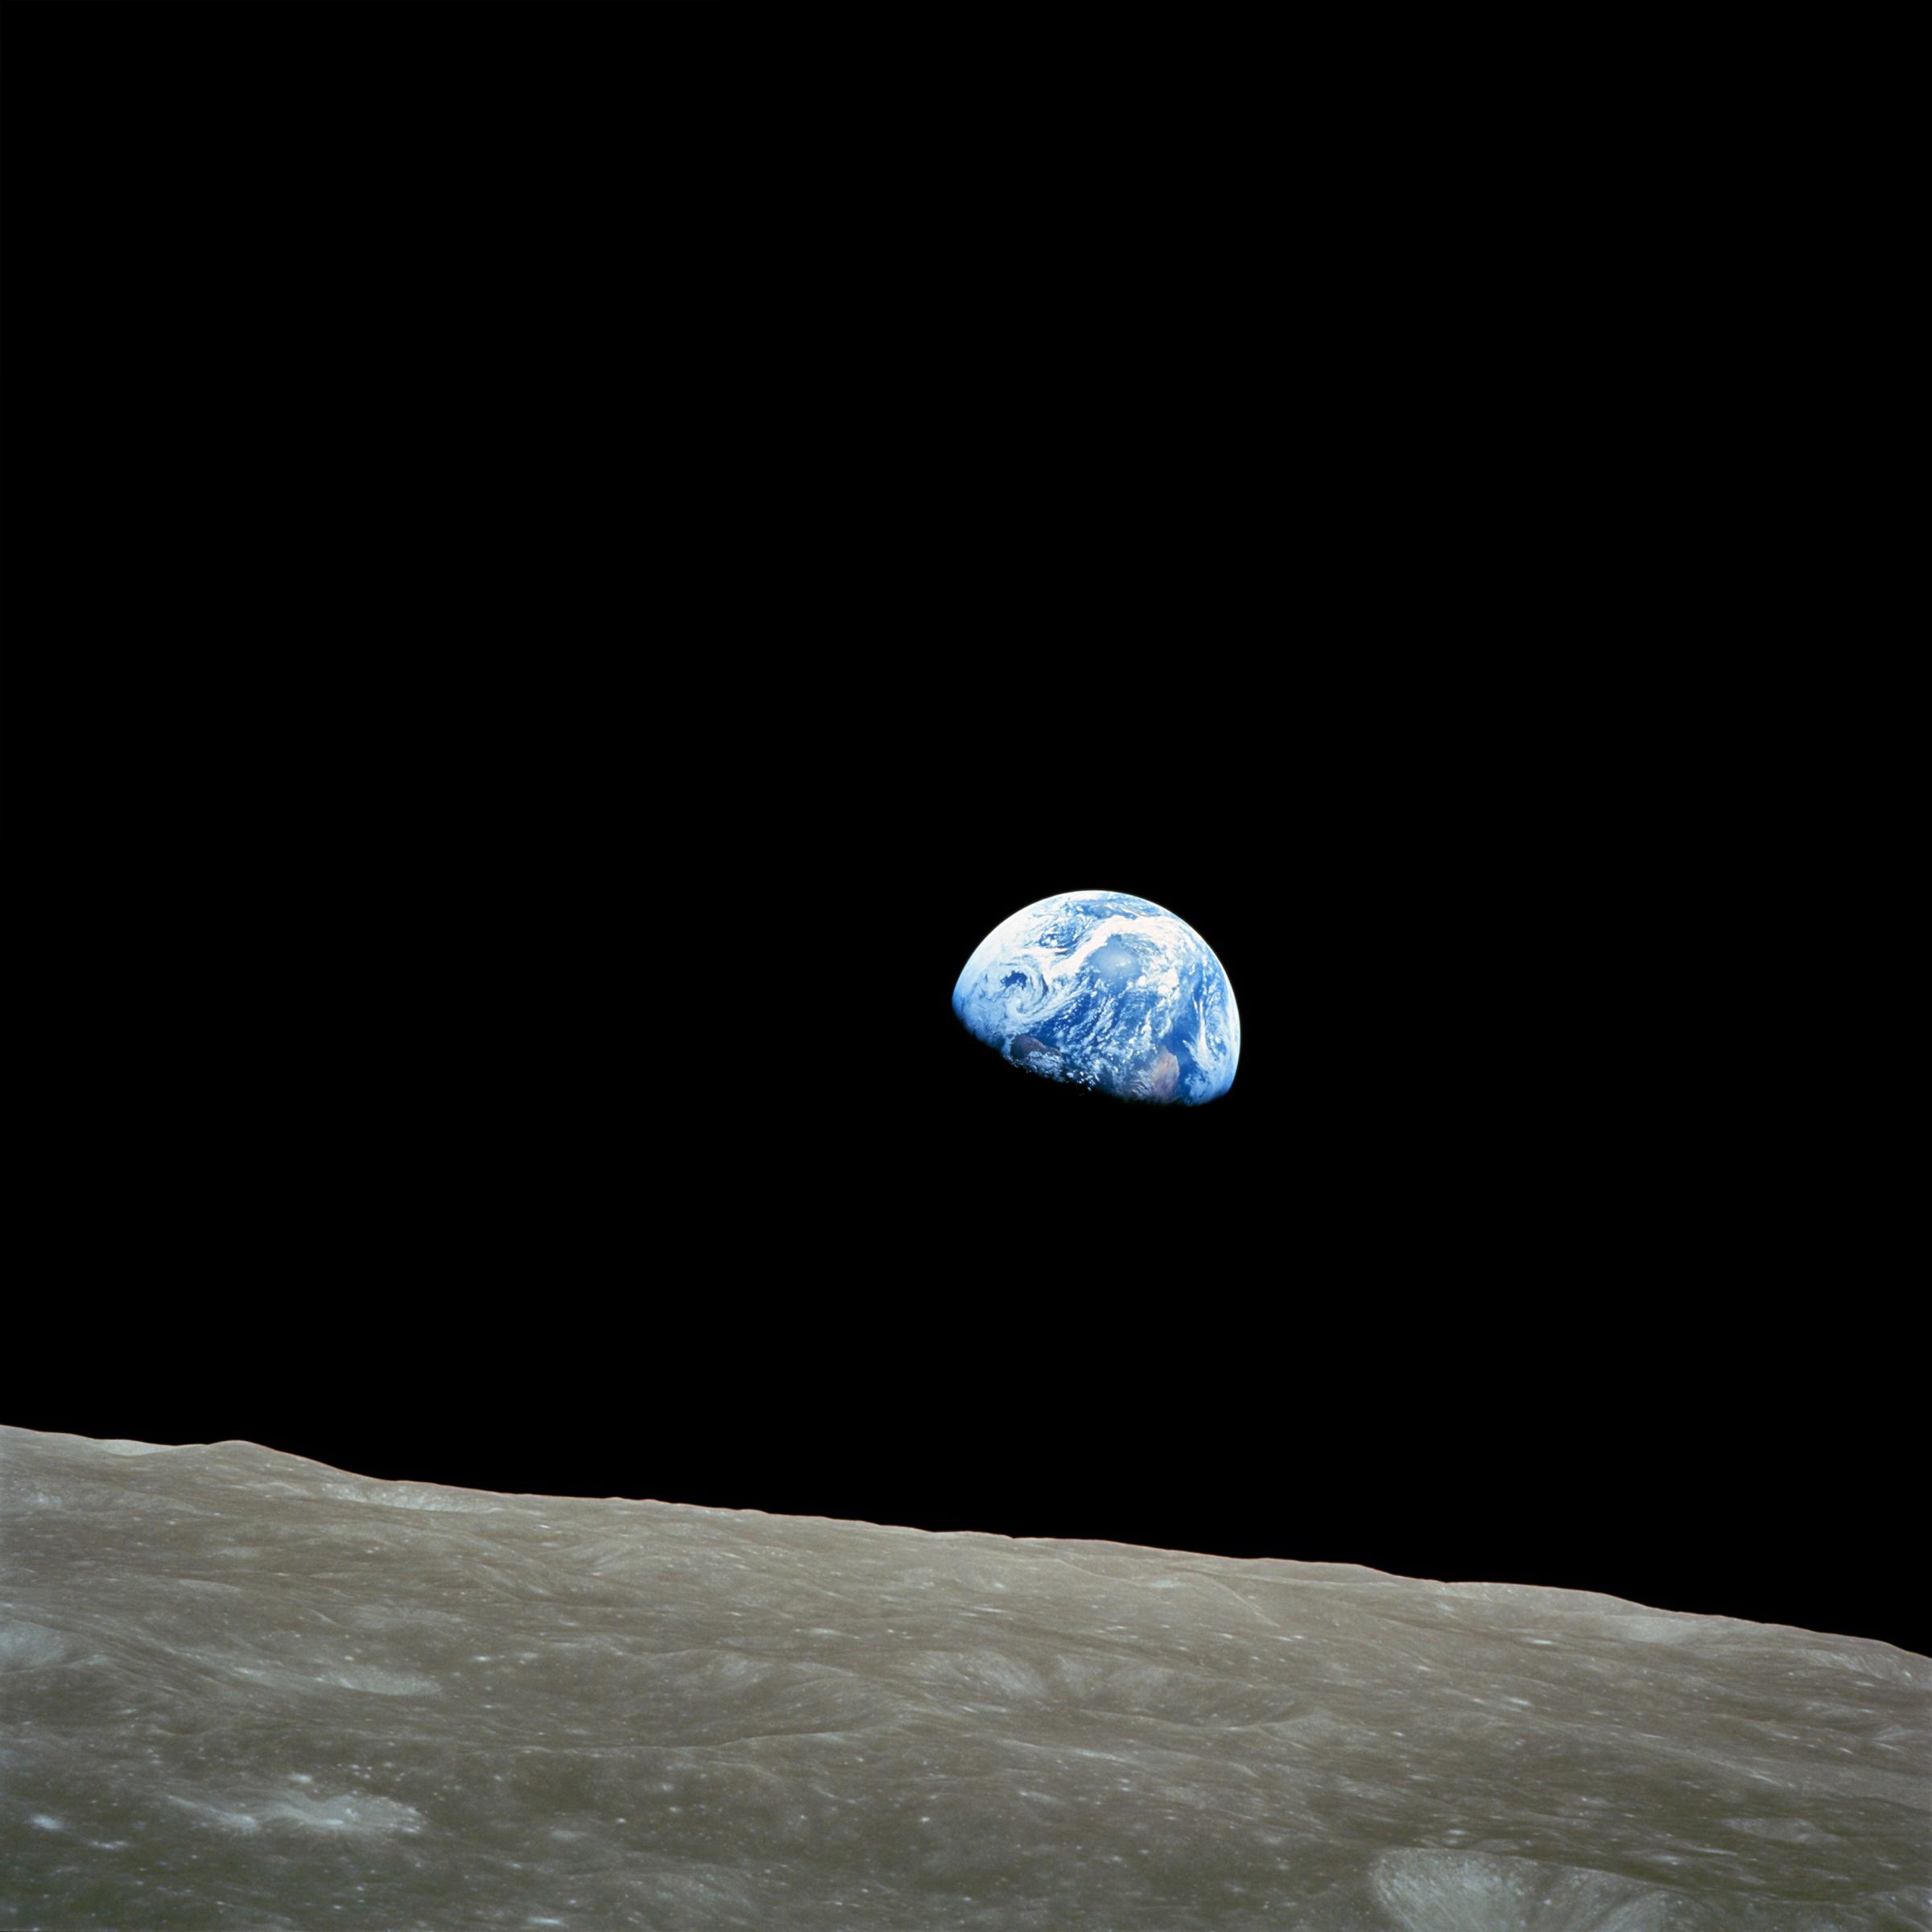 Imagini pentru Earthrise